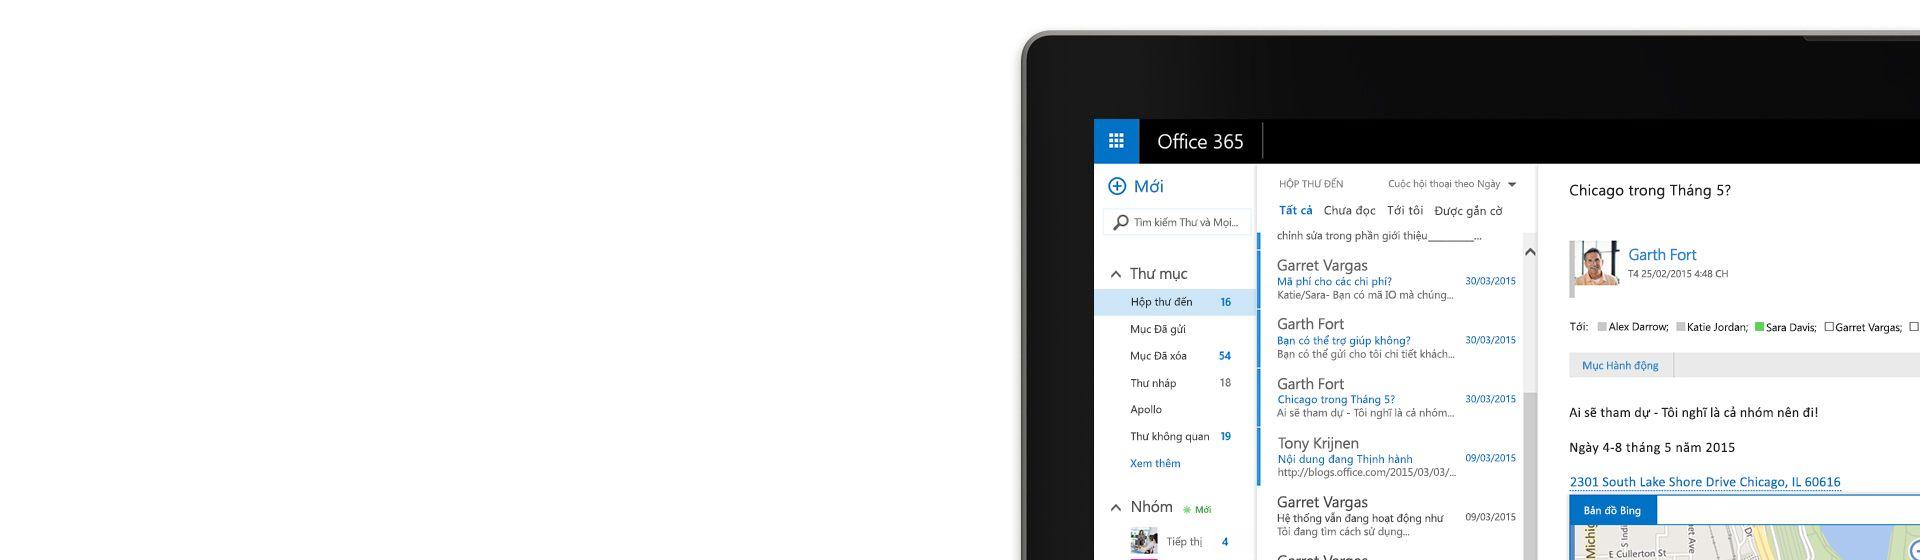 Một góc màn hình máy tính hiển thị hộp thư đến email trong Office 365